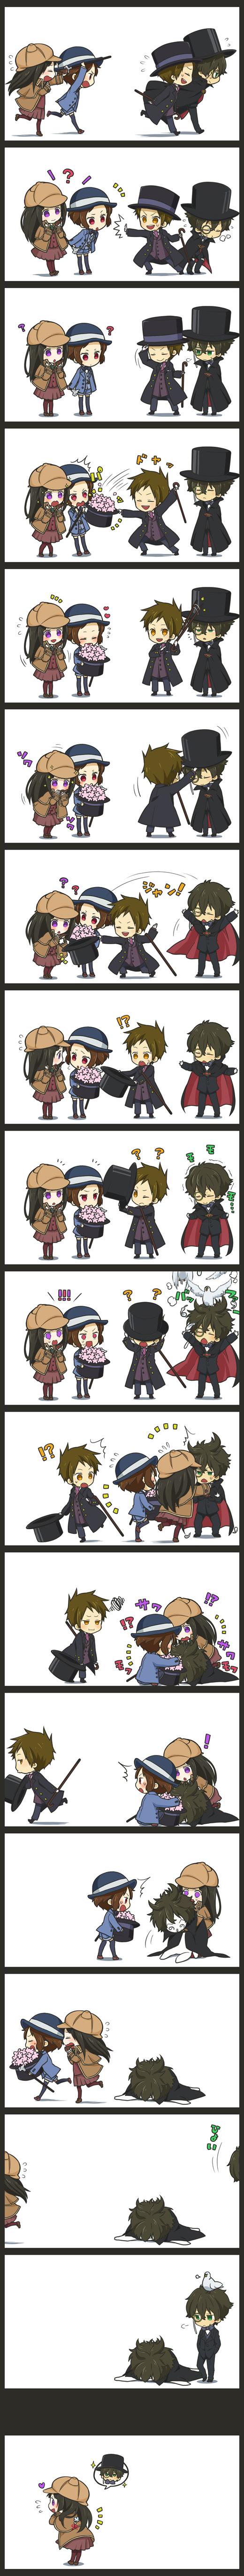 Tags: Anime, Teadial, Hyouka, Ibara Mayaka, Fukube Satoshi, Chitanda Eru, Oreki Houtarou